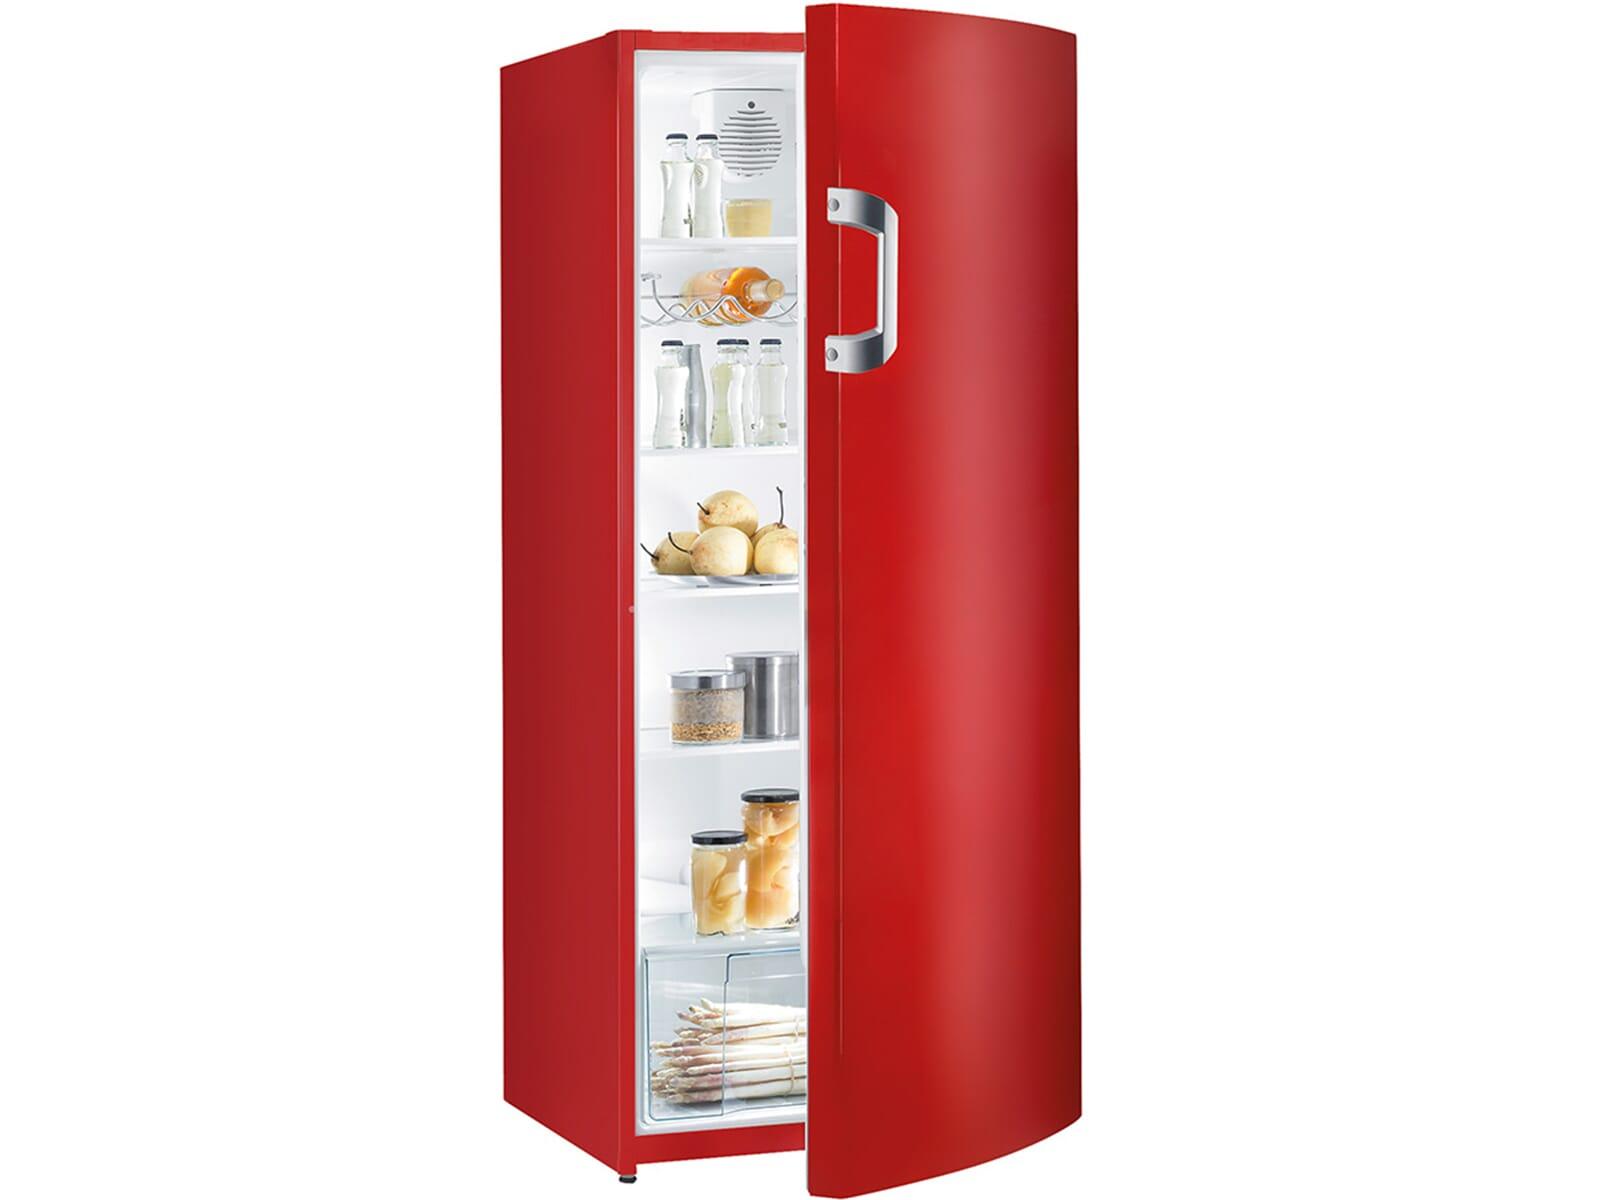 Aldi Mini Kühlschrank : Mini kühlschrank aldi dion debra